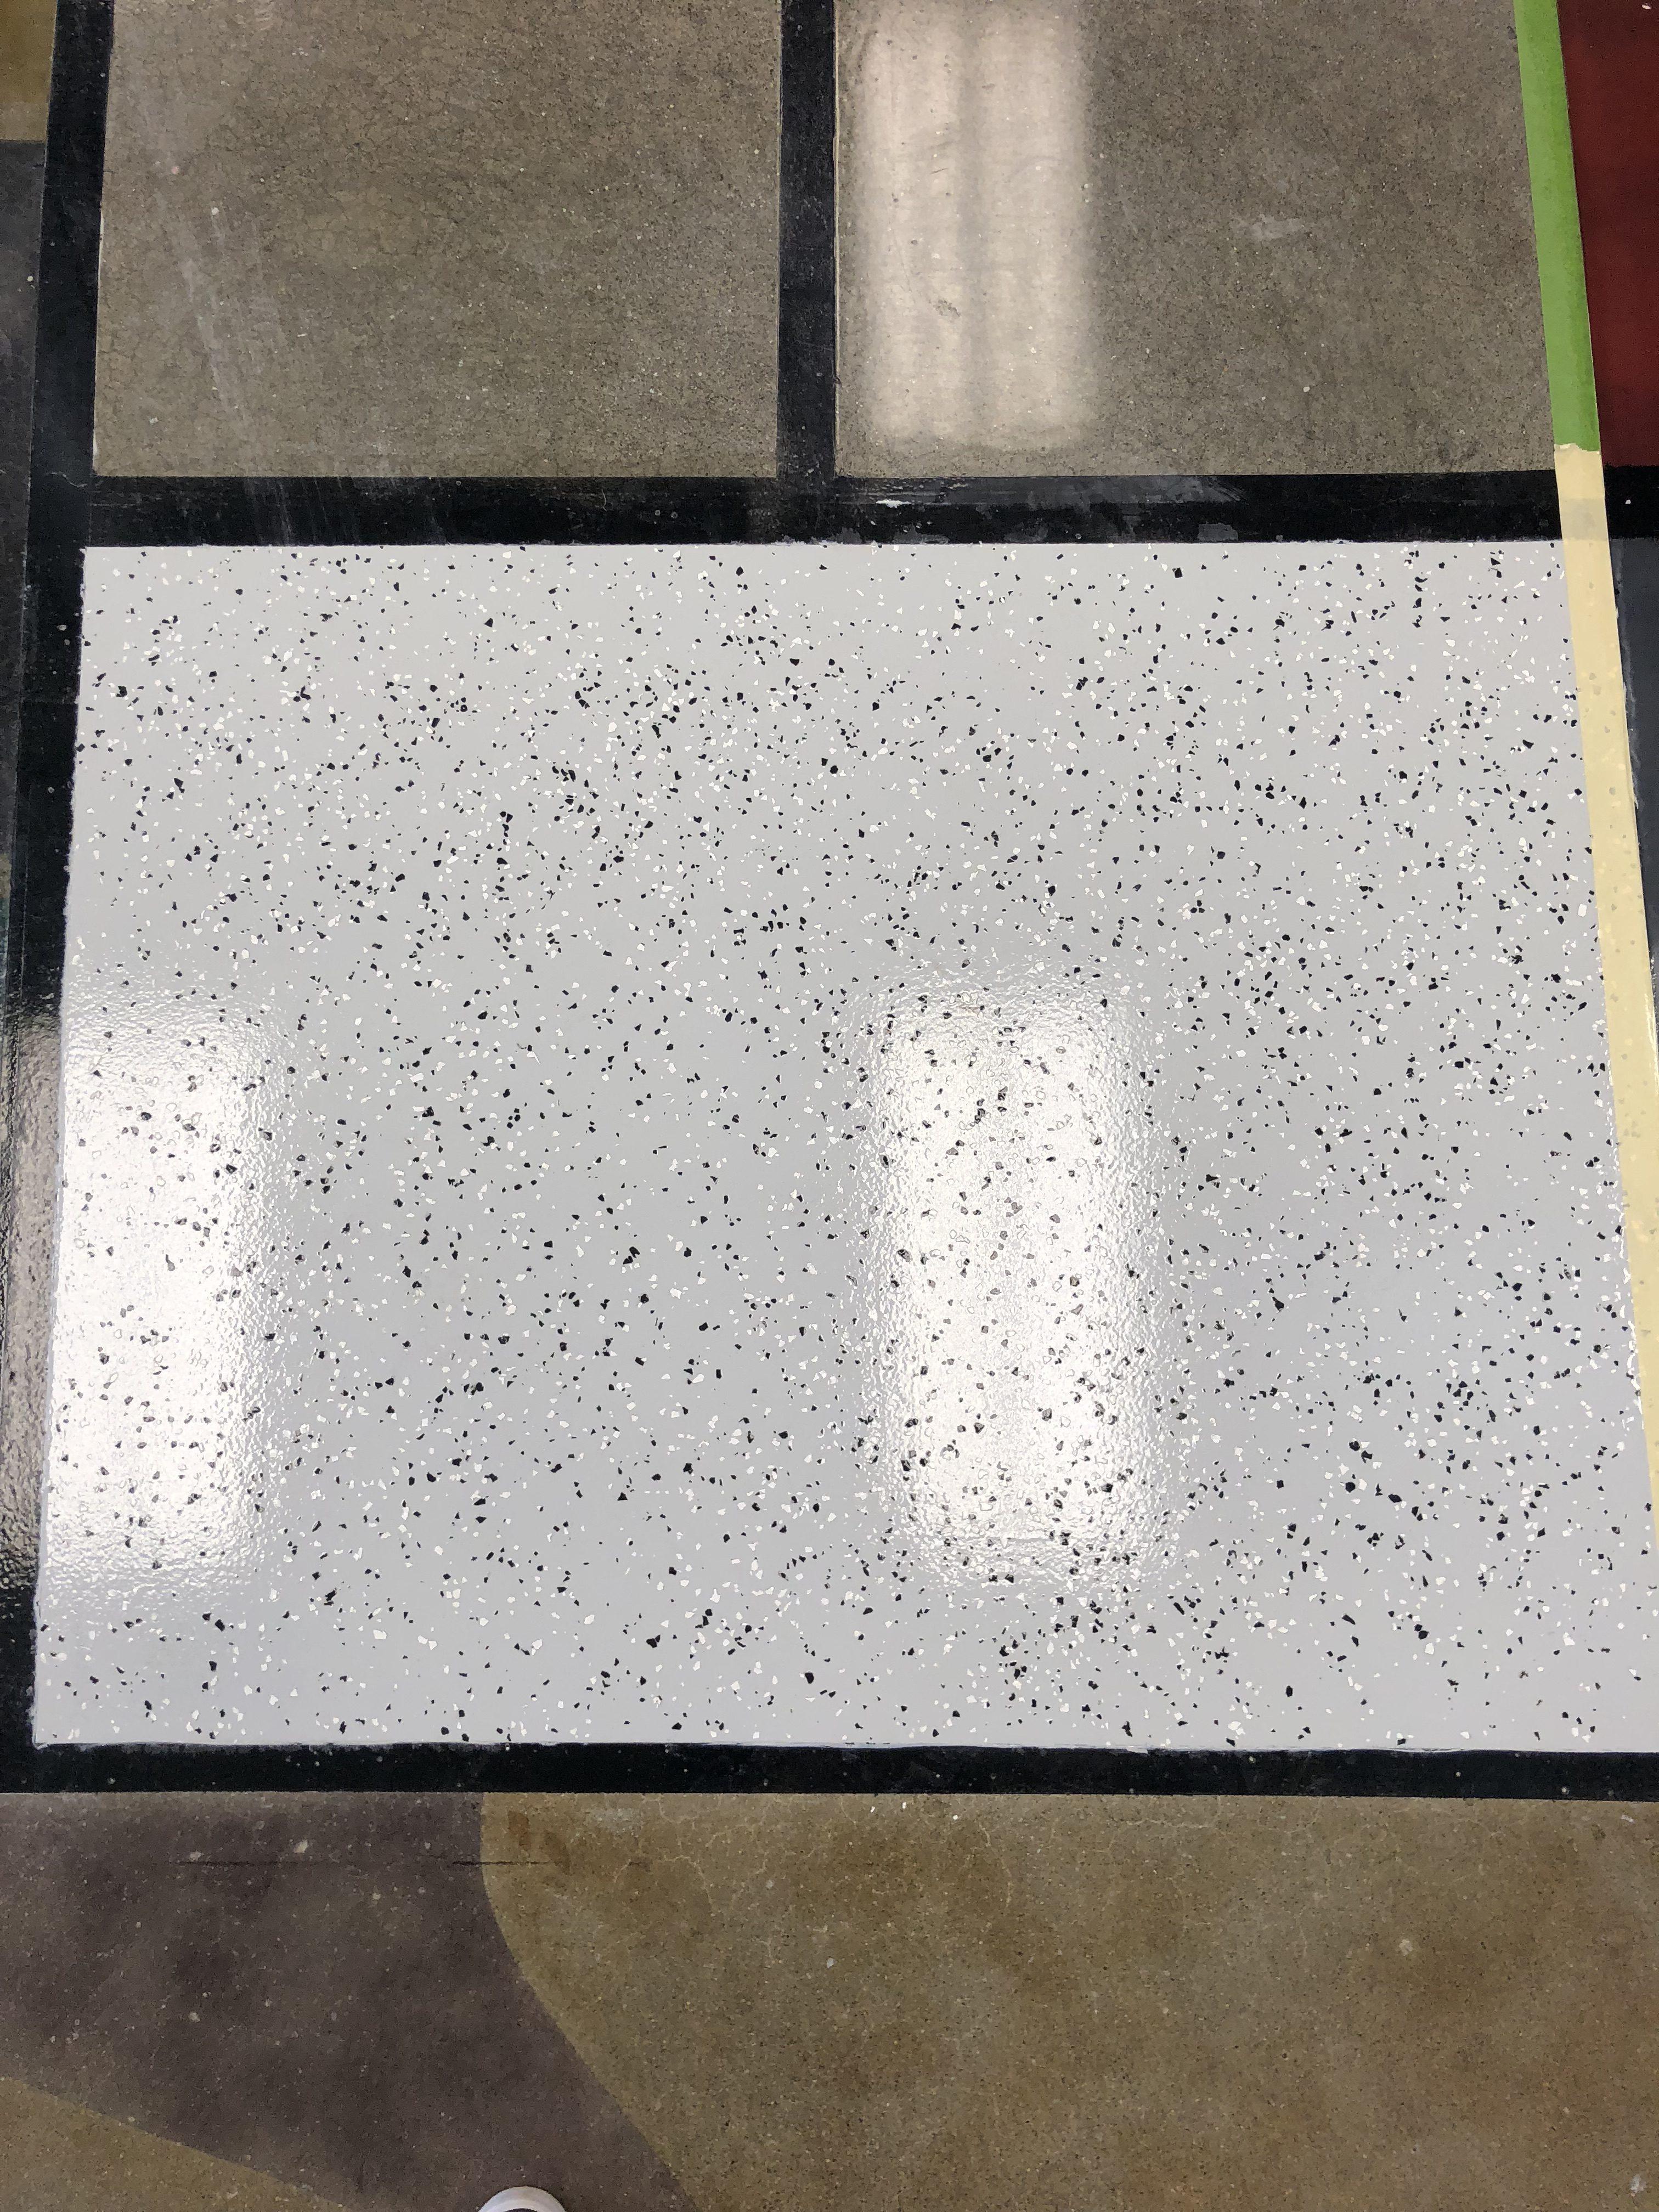 Hybrid Polyurethane Concrete Coating With Light Flakes